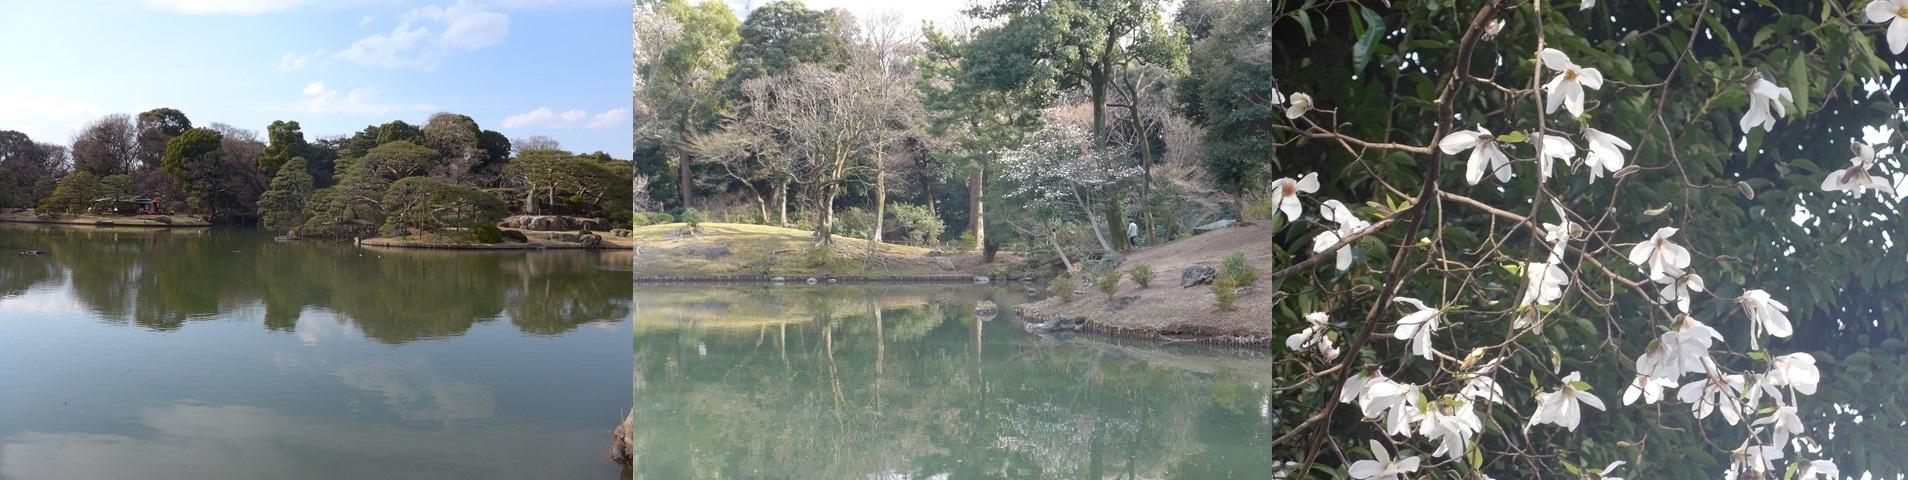 咲き始めた桜を愛でながら、、、看護師特定行為、臨床研修、医療計画_b0115629_23282753.jpg